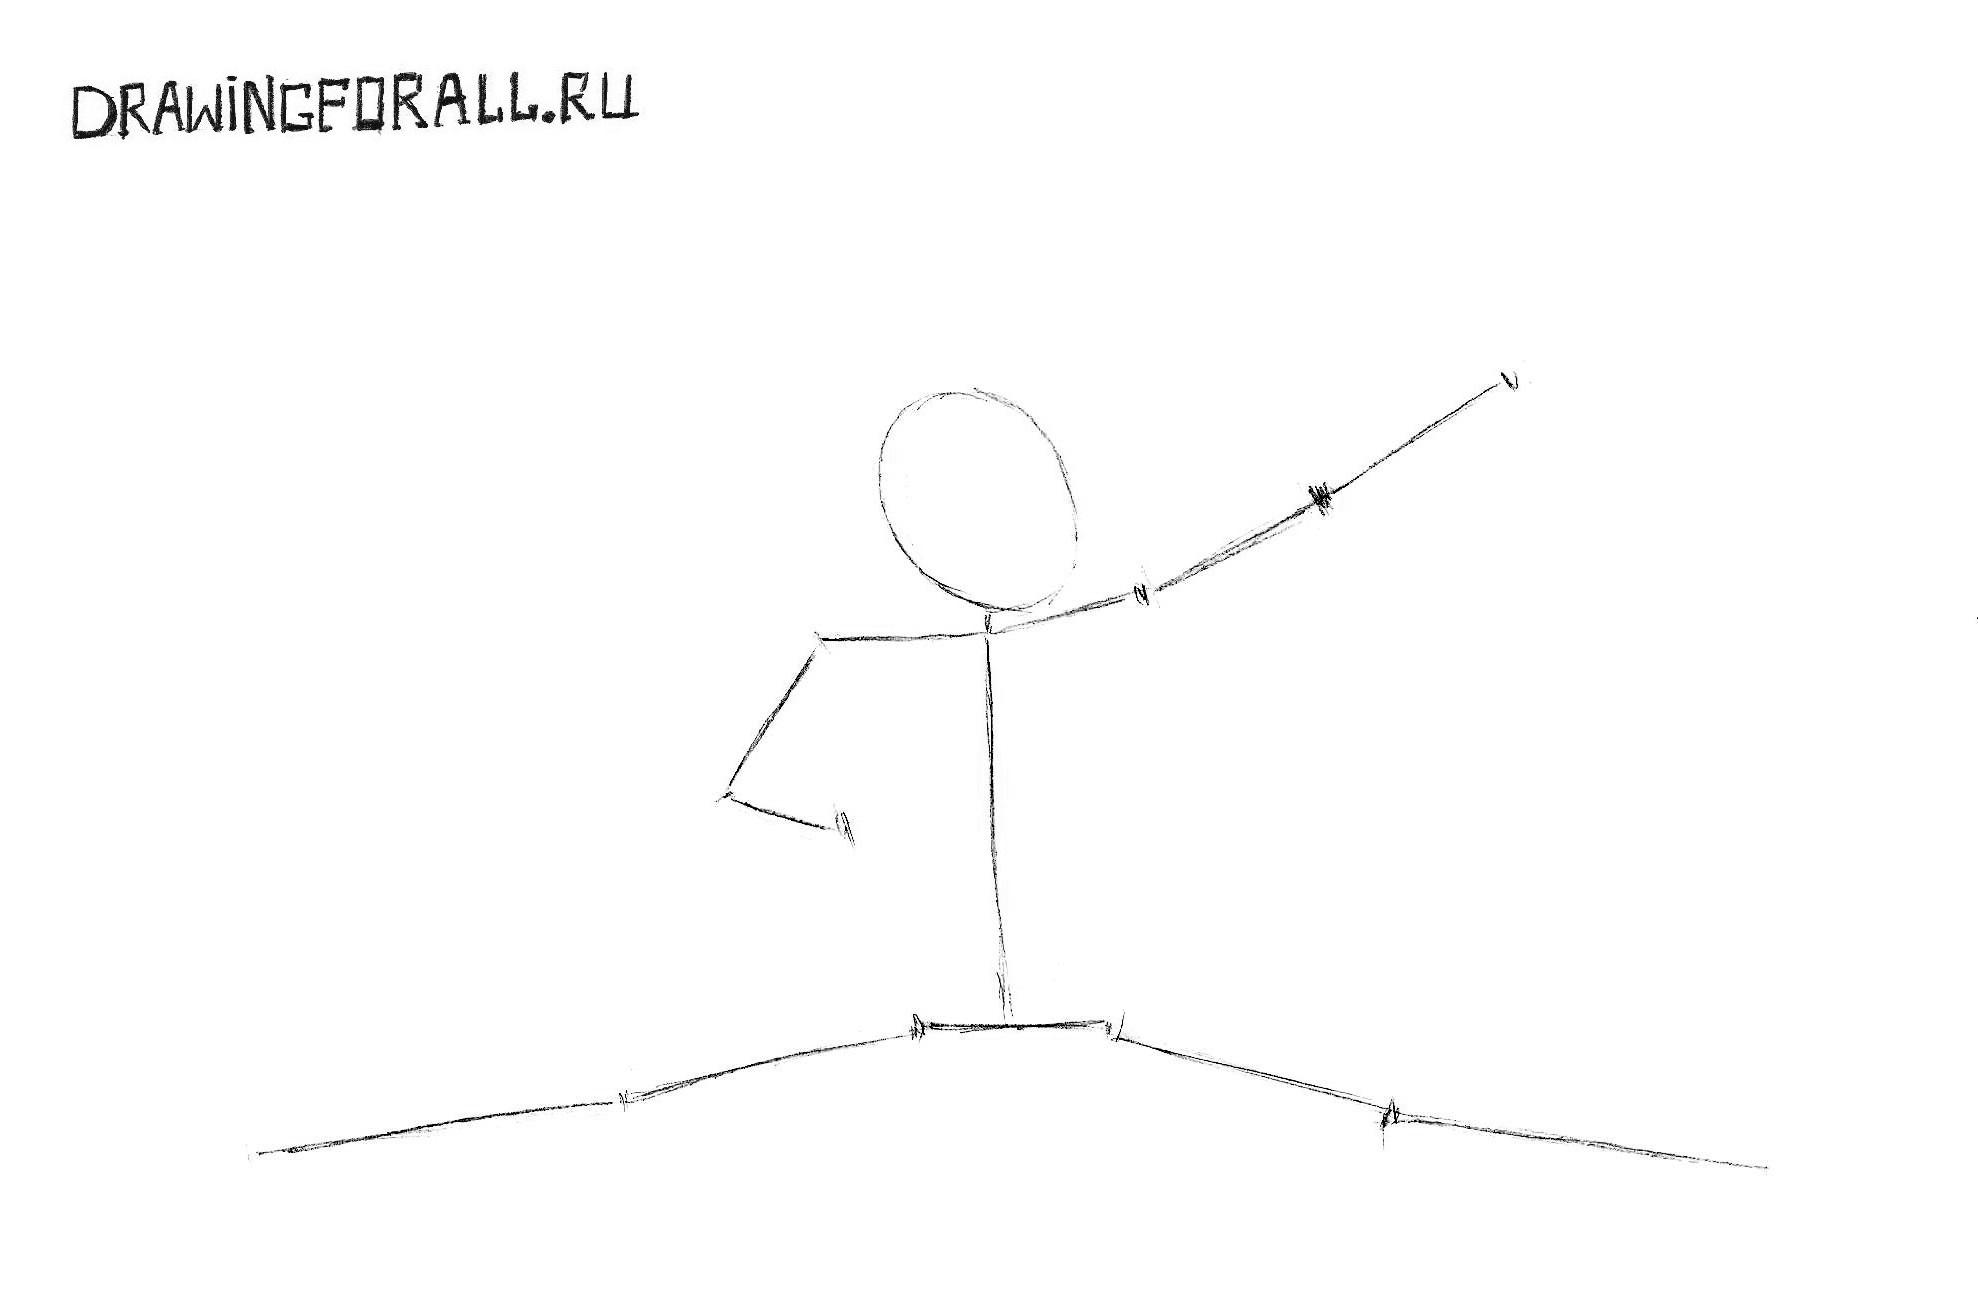 джонни кейдж из мортал комбат нарисованный